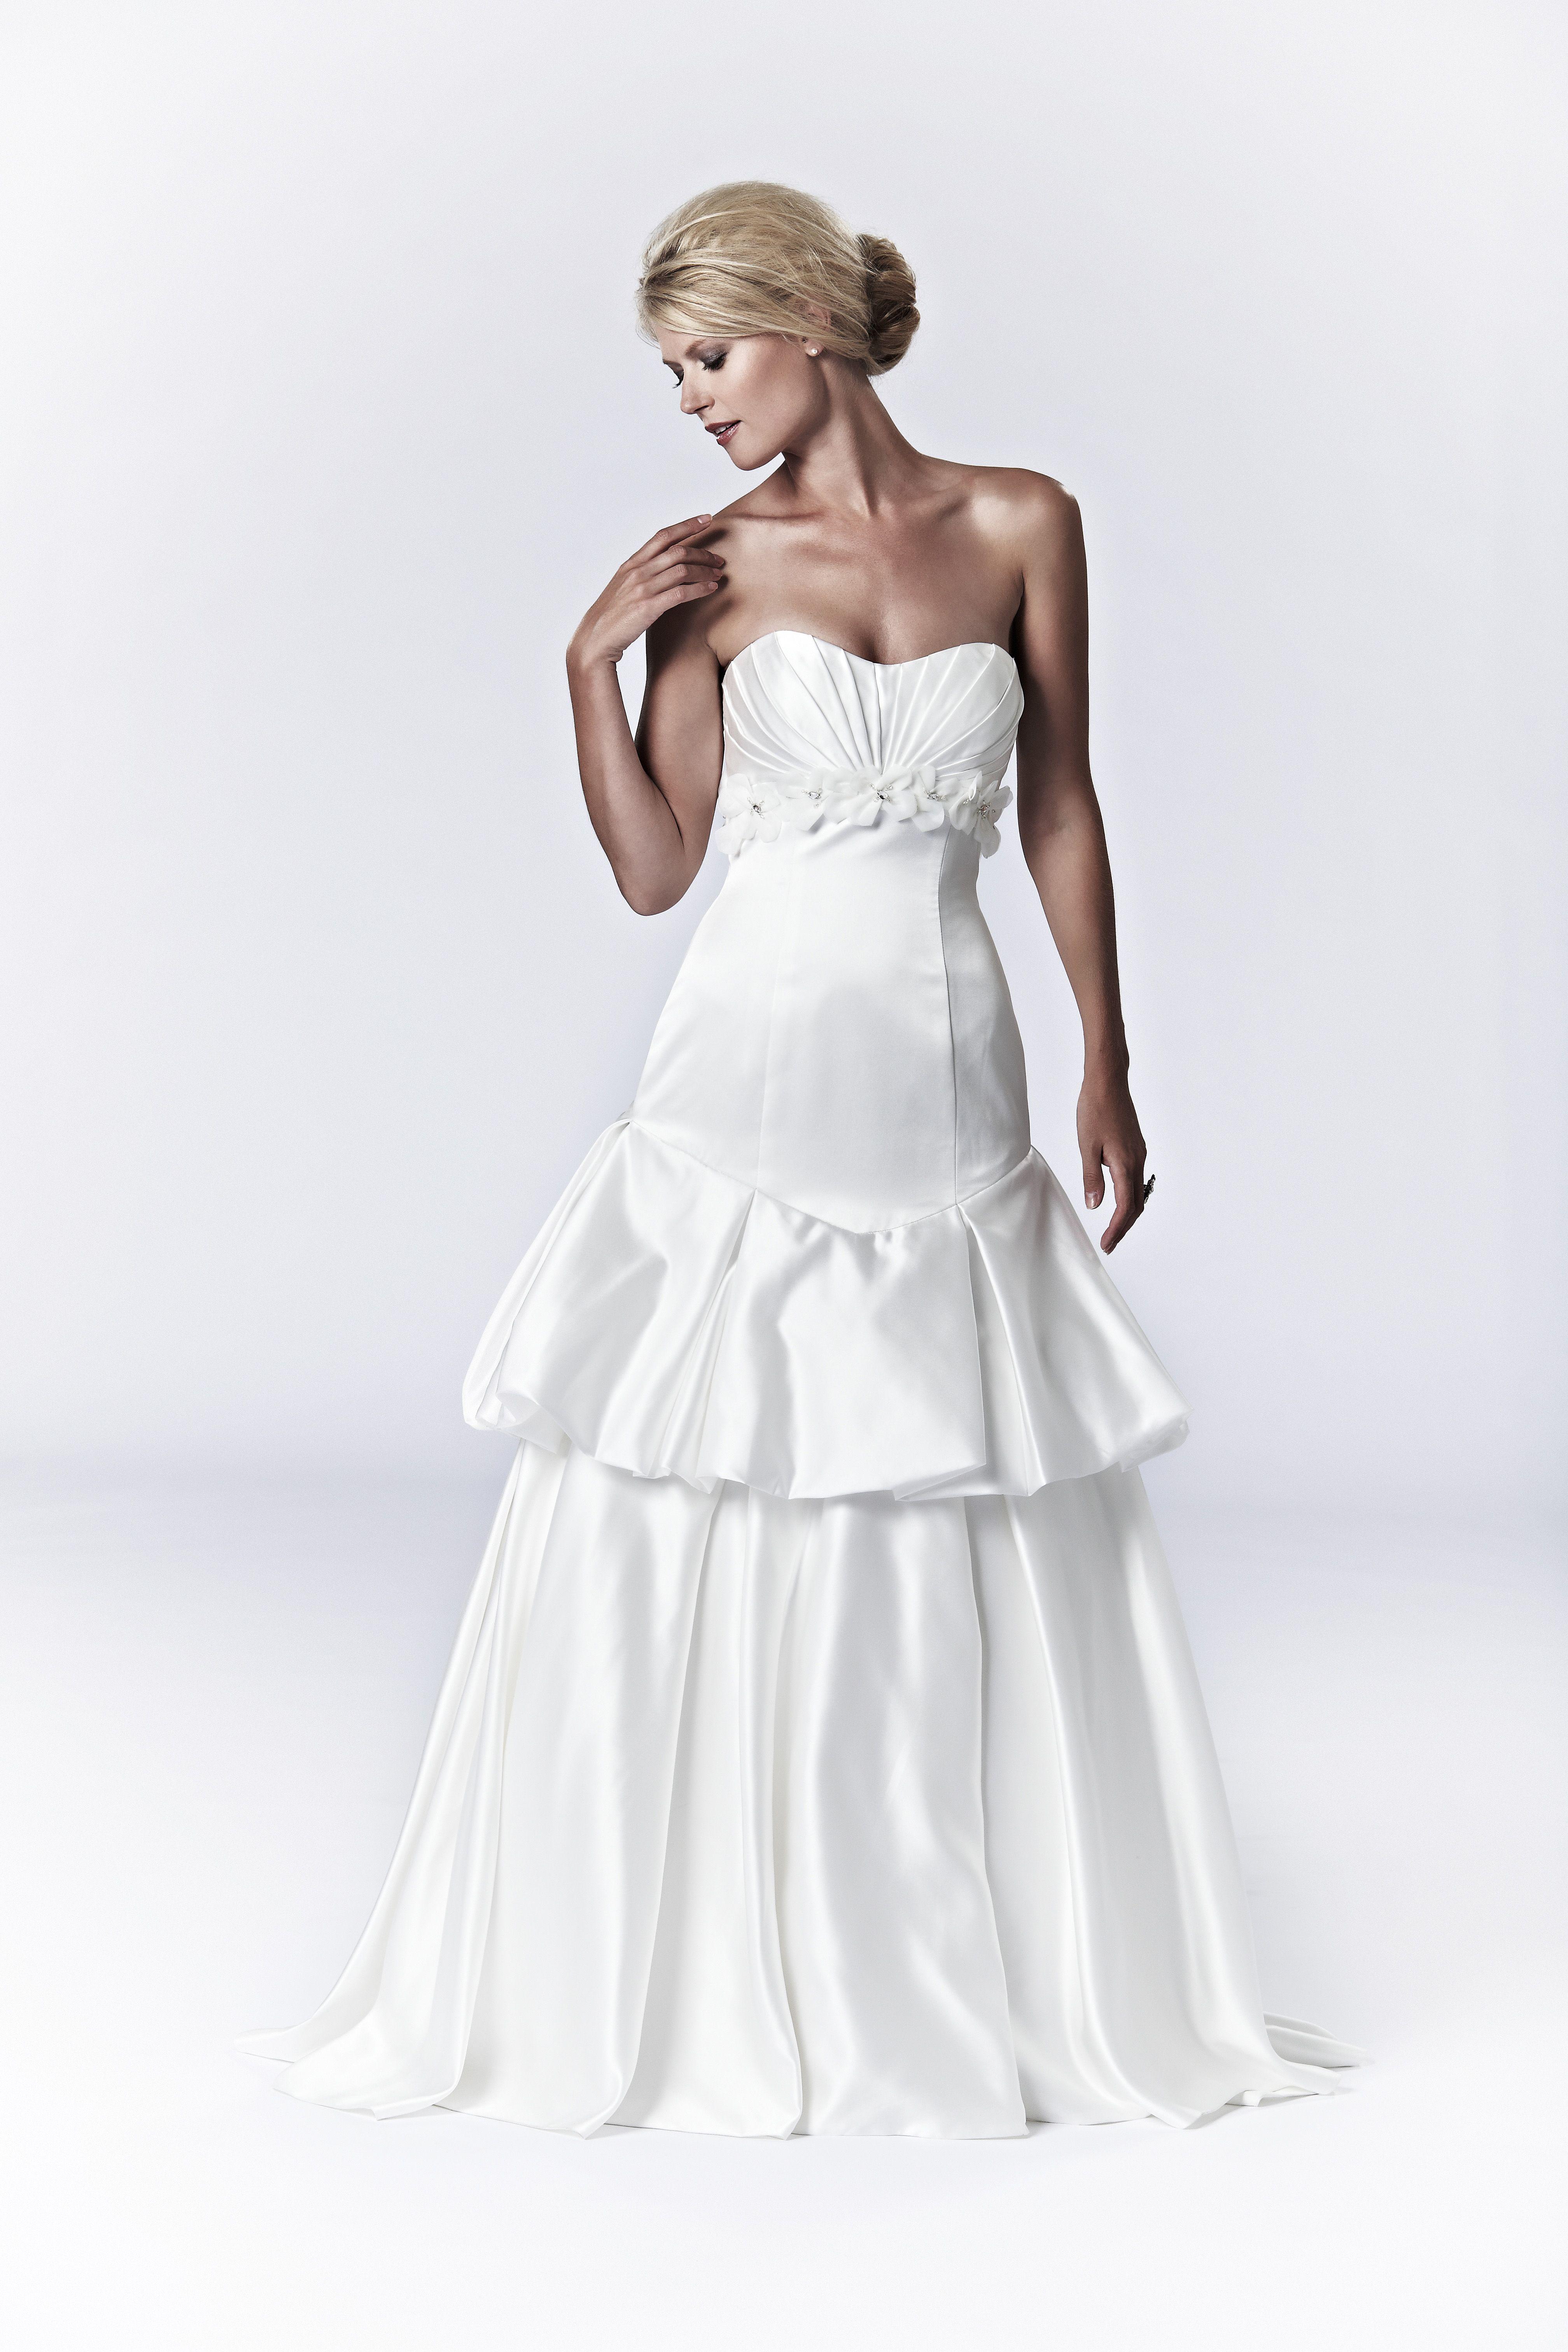 Unique But Beautiful Wedding Dress Photo Compliment Of Lis Simon